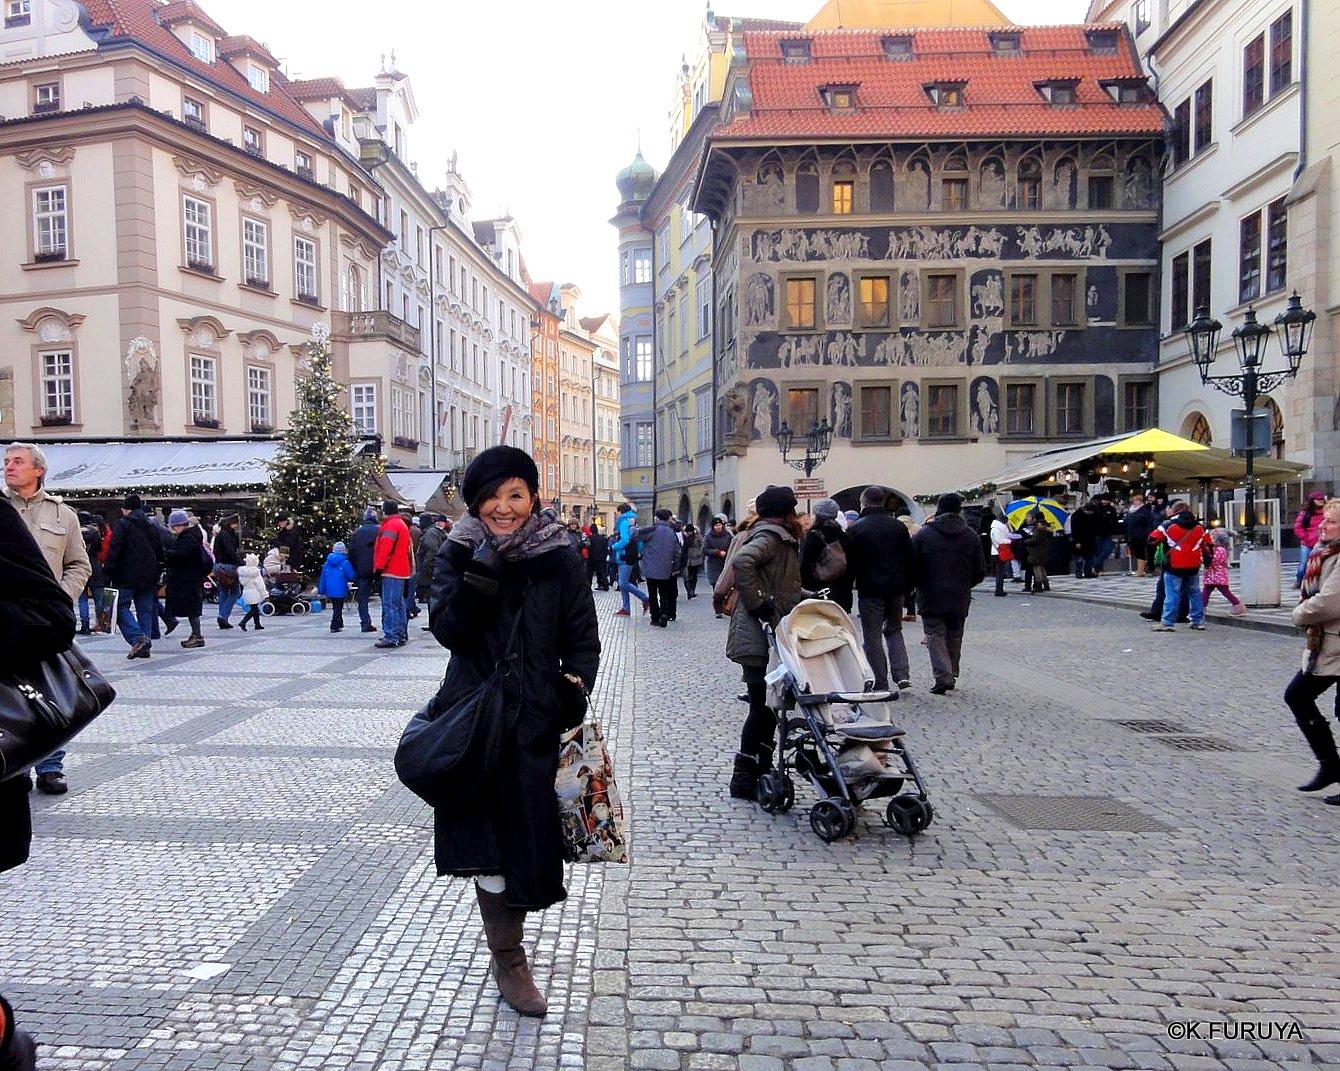 プラハ 8 カレル橋から旧市街へ_a0092659_20302532.jpg